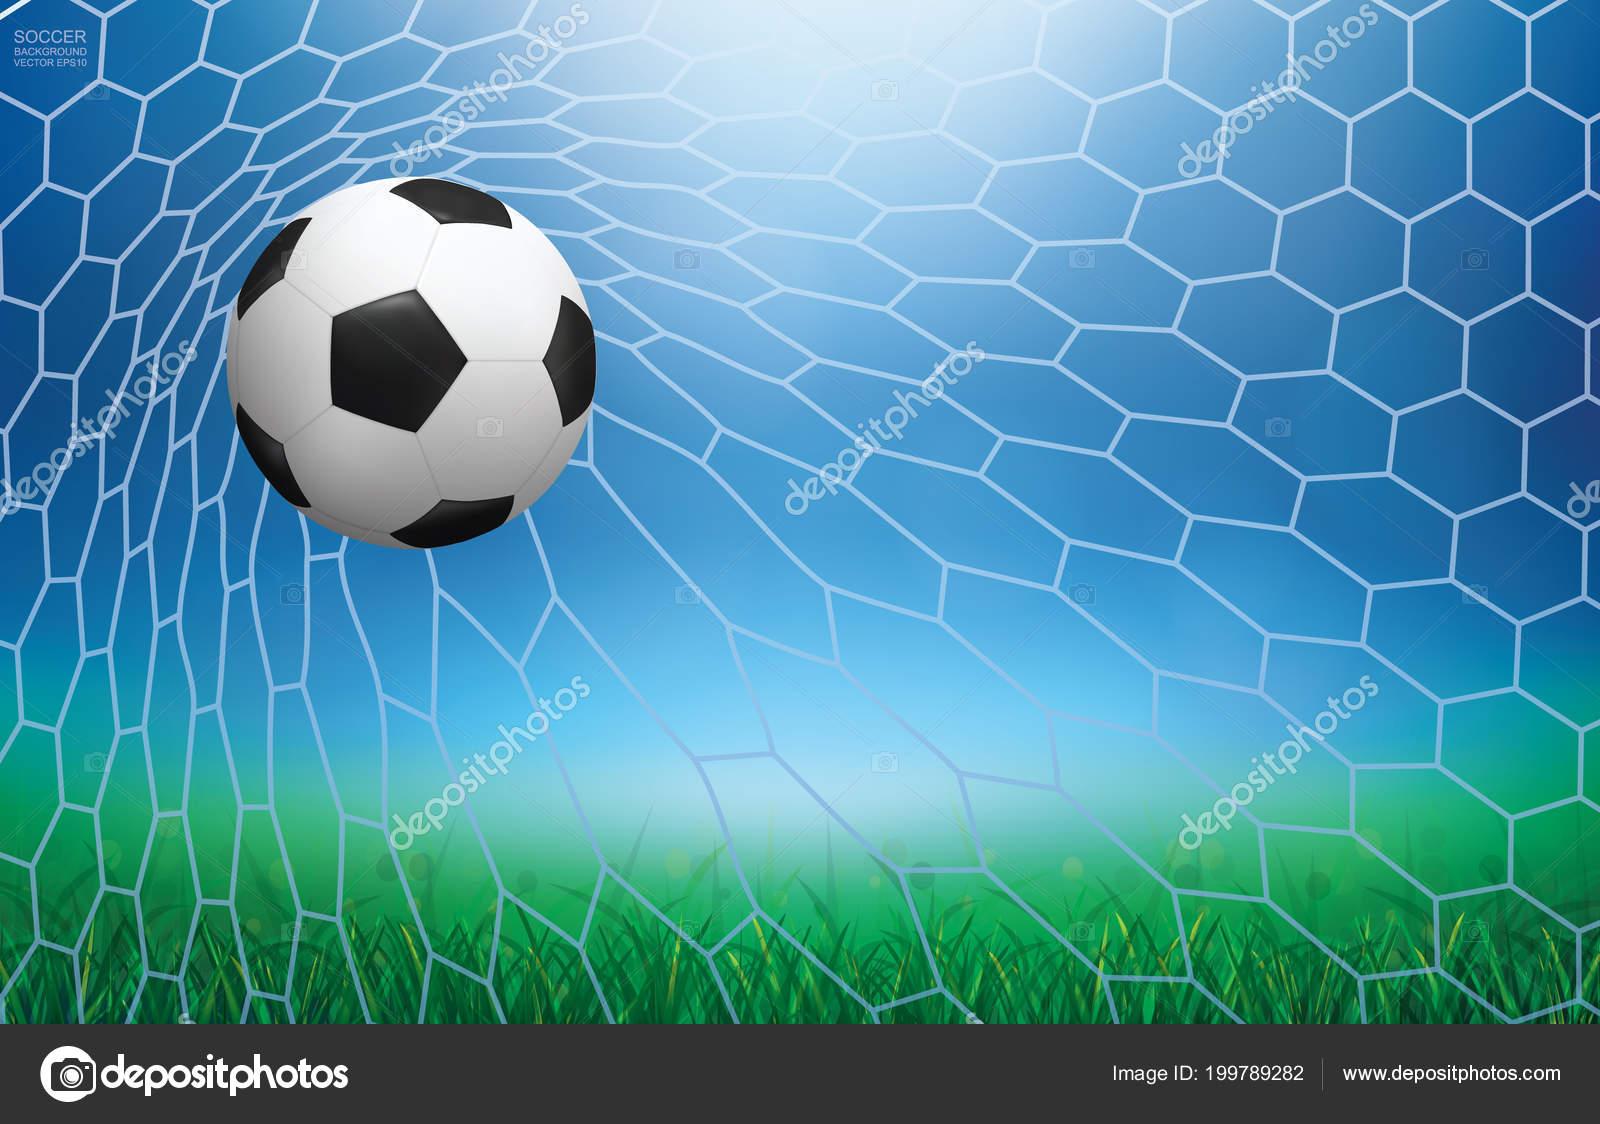 Fussball Fussball Ball Fussballtor Mit Licht Und Grune